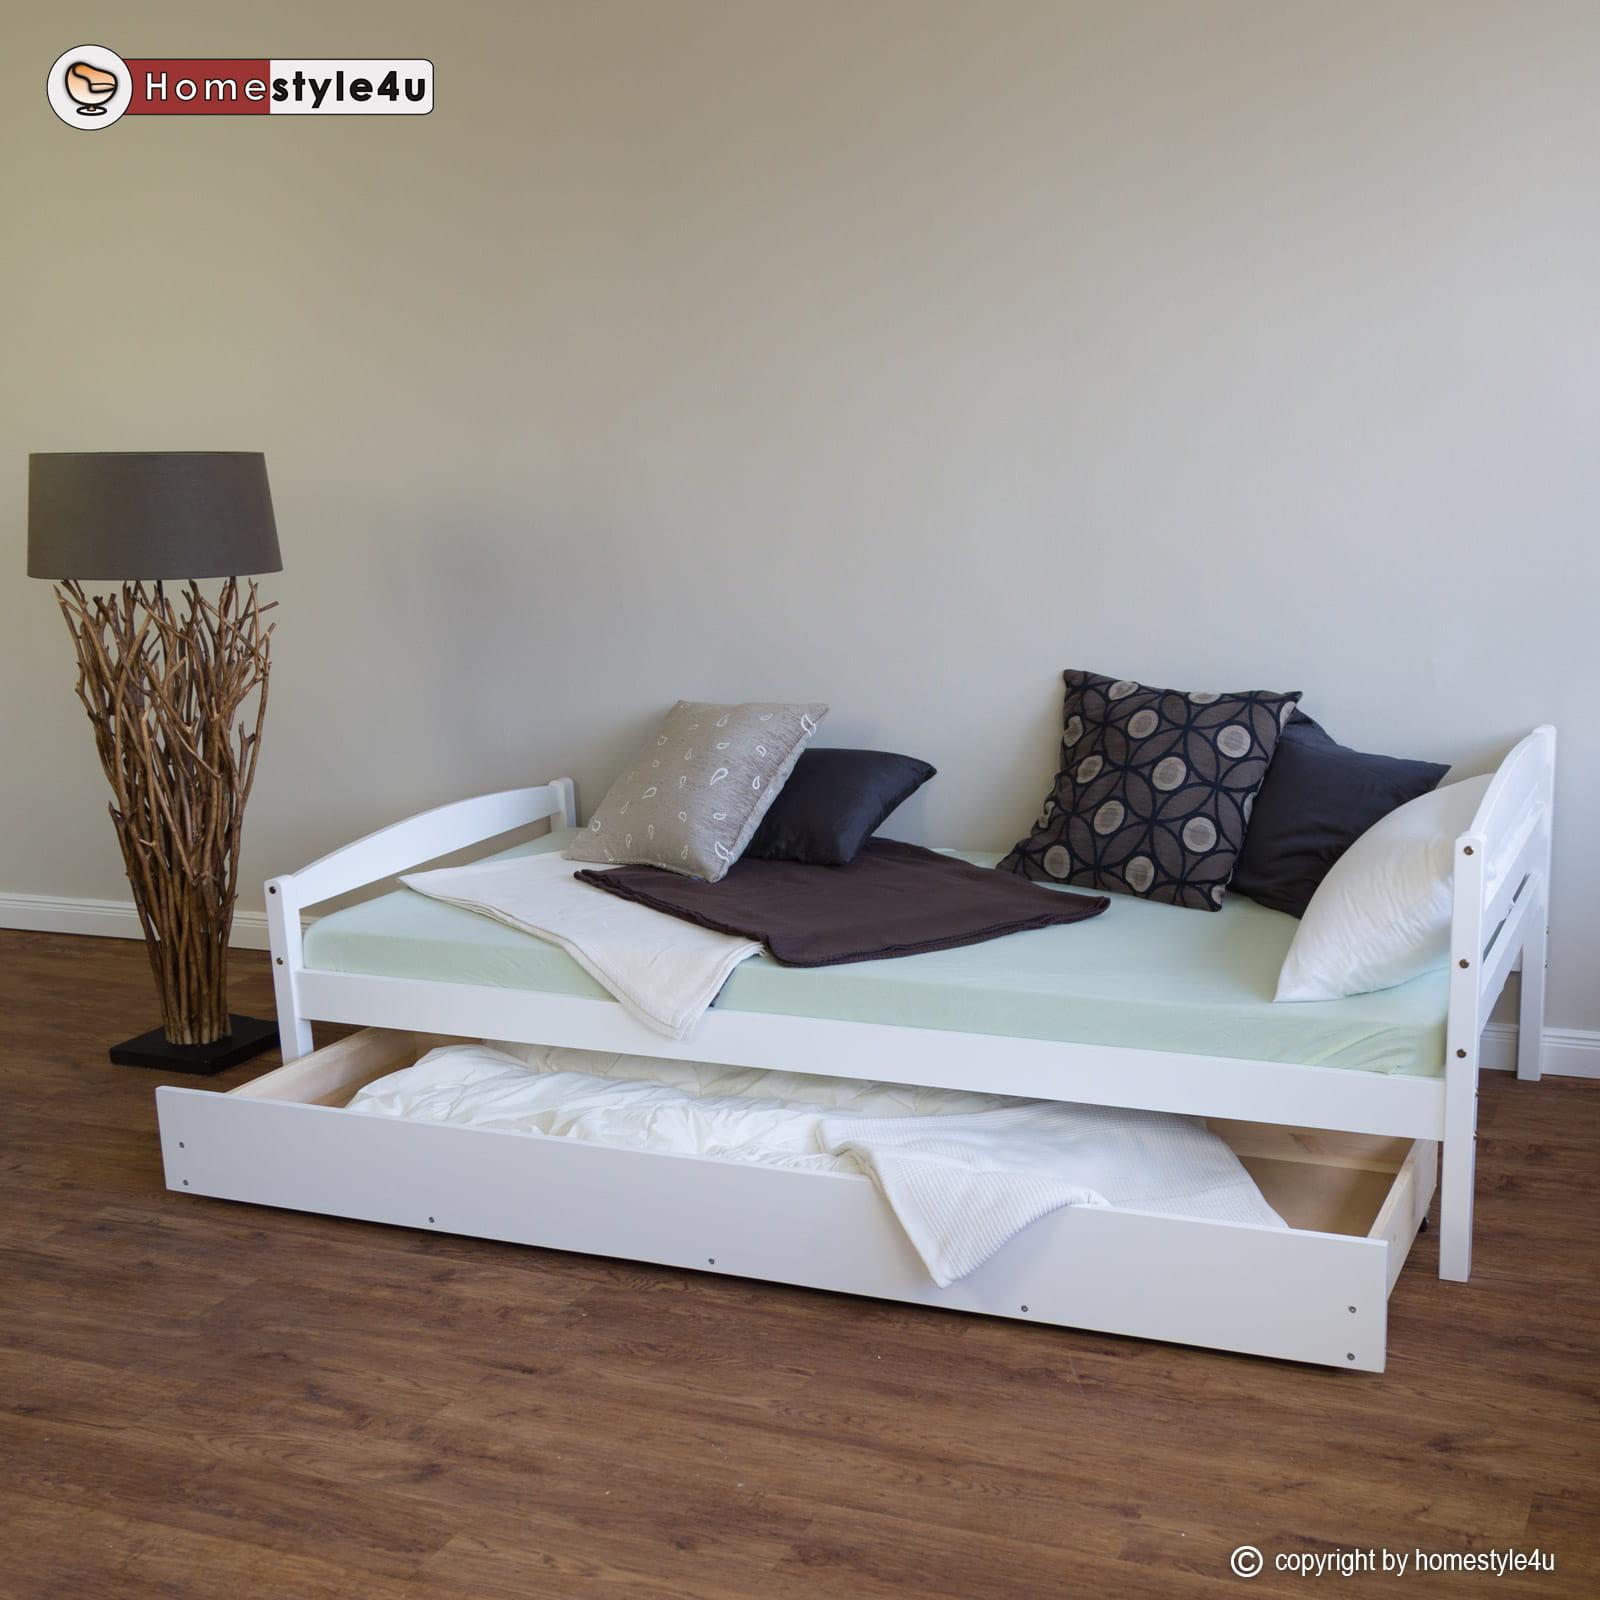 łóżko Młodzieżowe 90x200 Cm Rozsuwane Białe